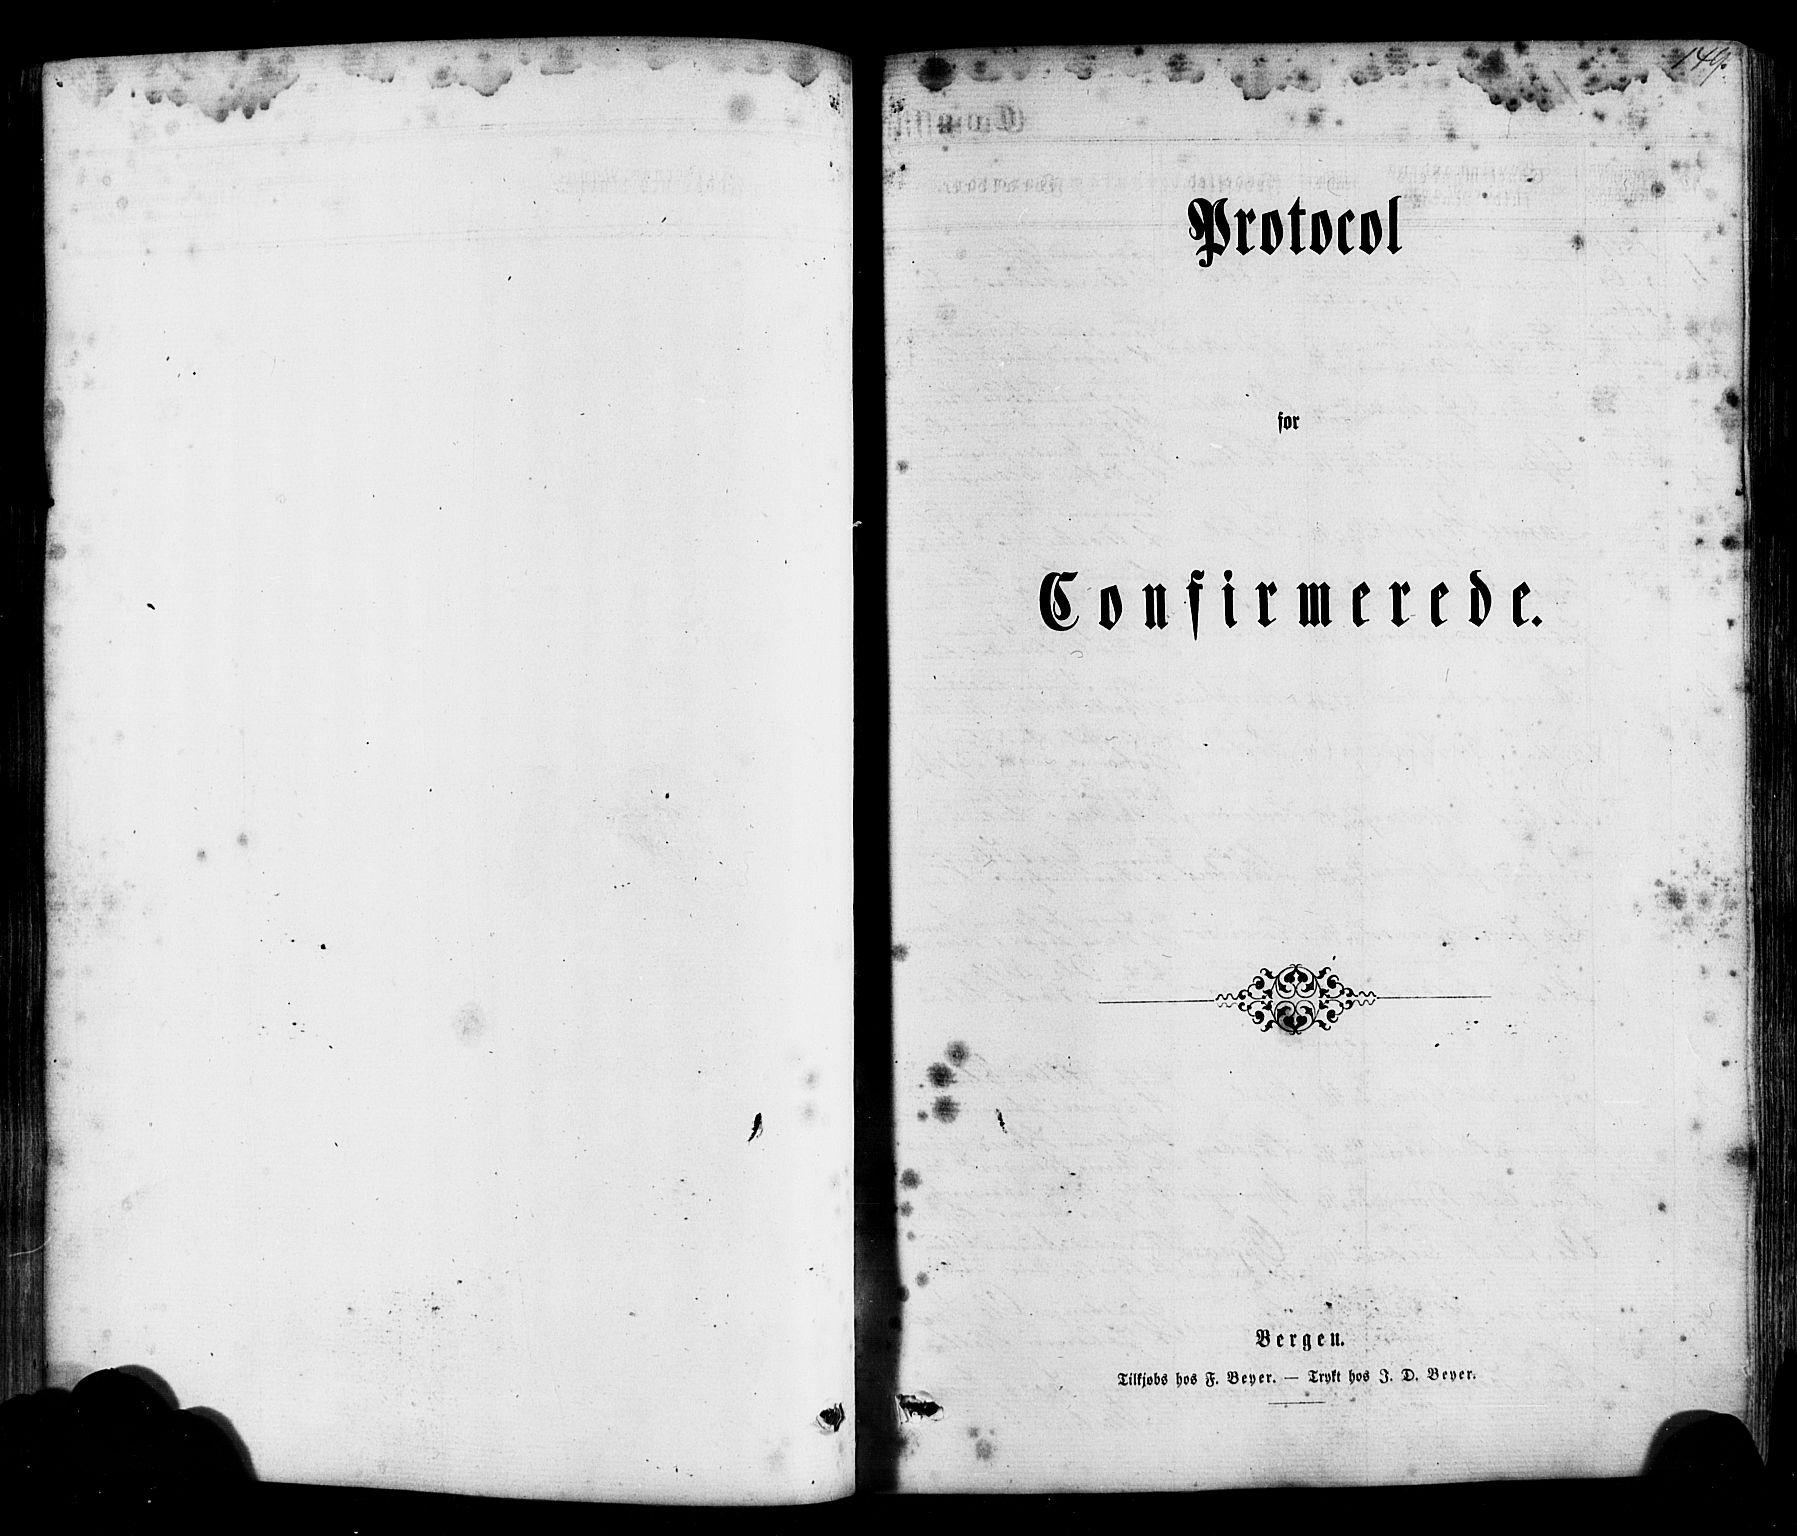 SAB, Hyllestad Sokneprestembete, Ministerialbok nr. A 1, 1861-1886, s. 149